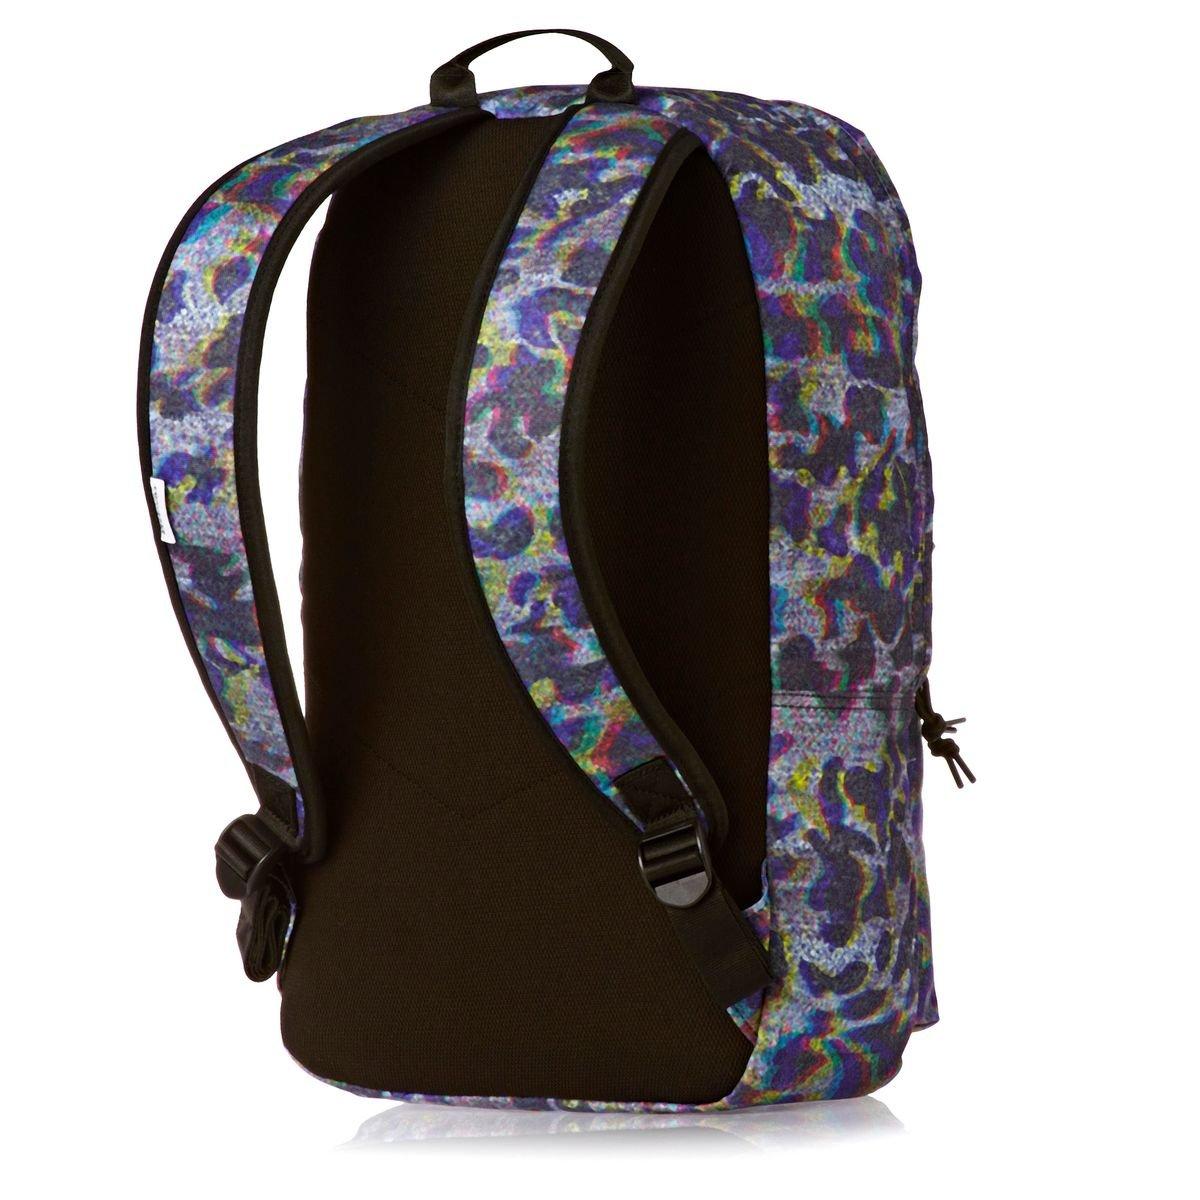 74de490c84d Converse EDC Backpack Bags Grey Multicolour - One Size  Amazon.co.uk  Shoes    Bags